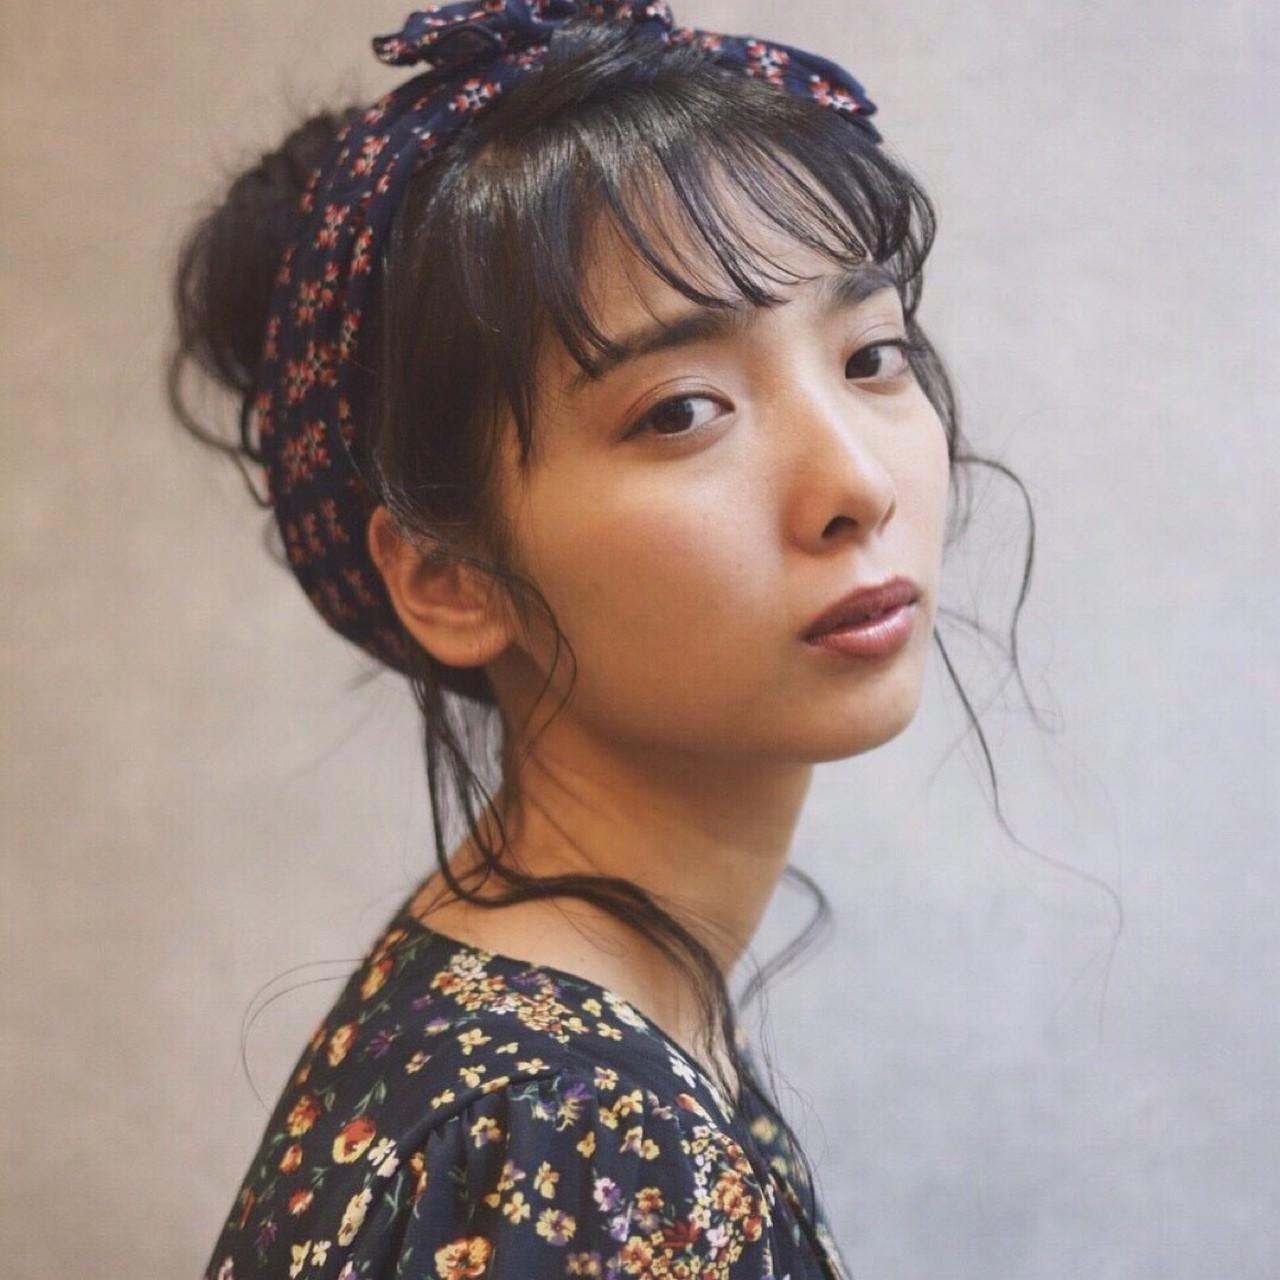 シースルーバング風ゆるお団子アレンジ Obayashi Natsumi